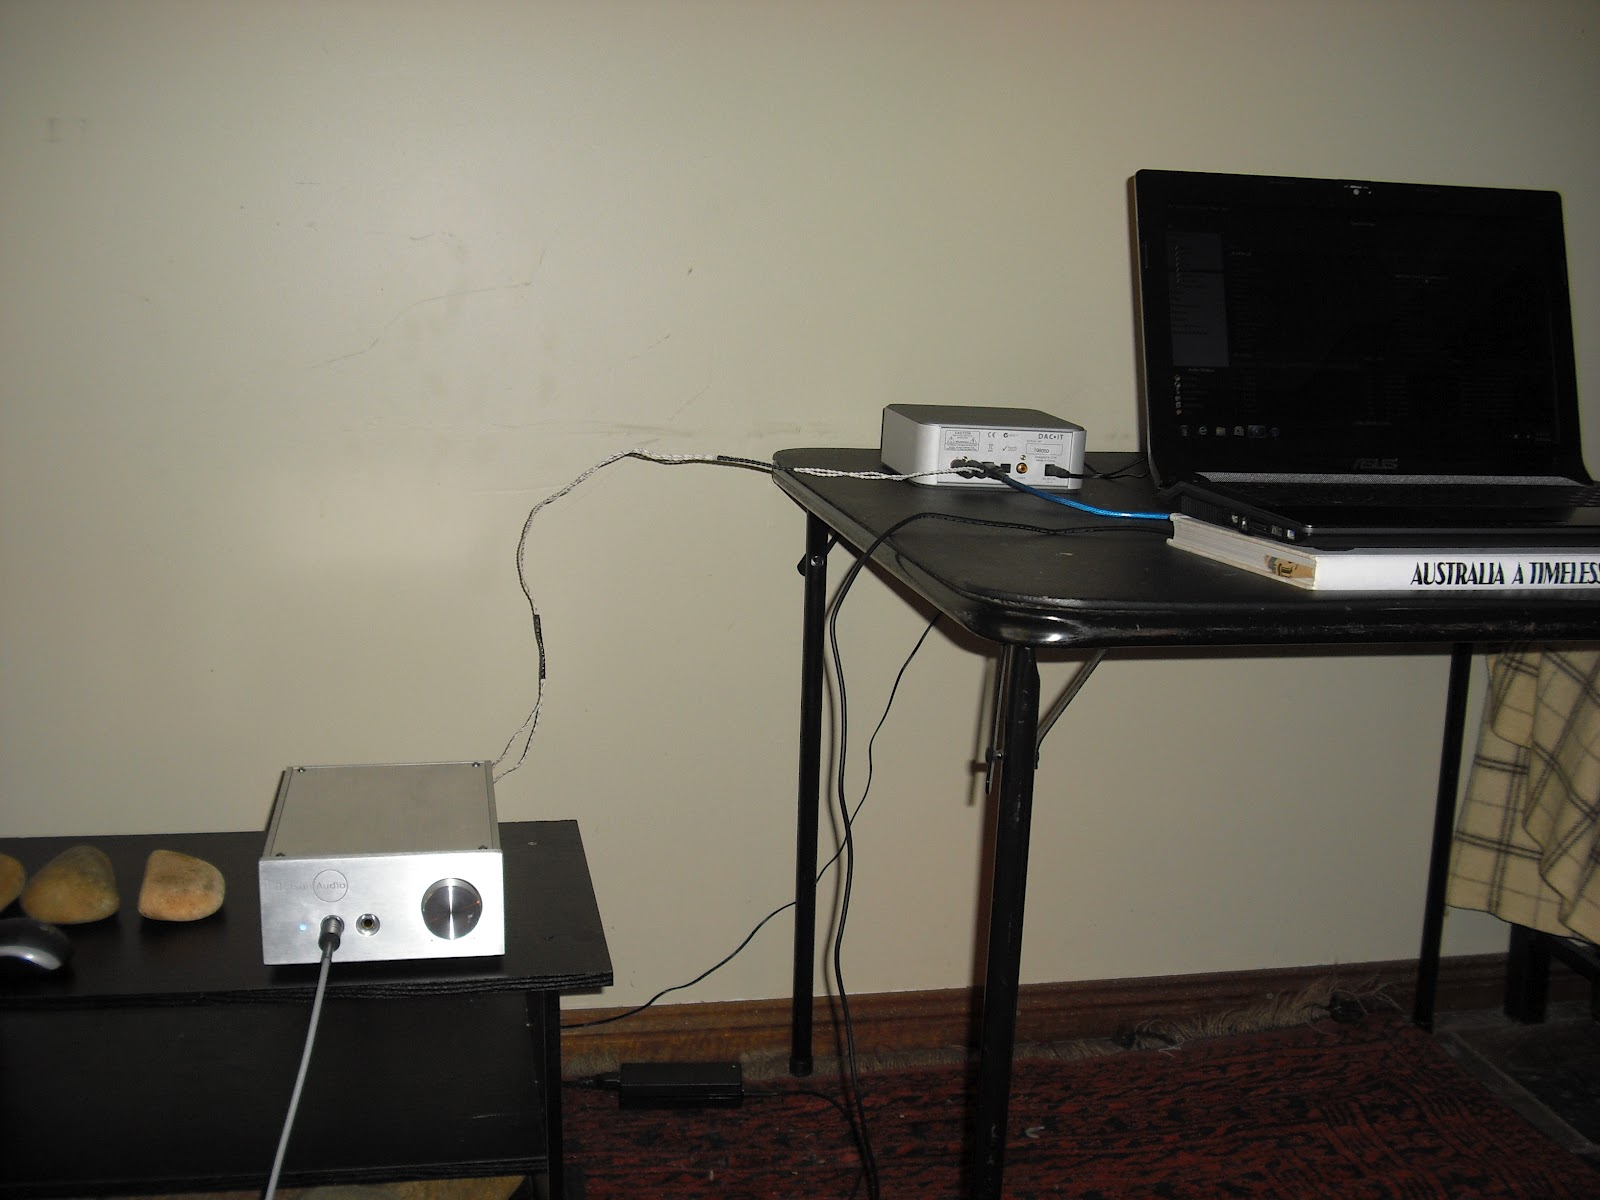 AKG Q701 Quincy Jones headphone amplifier